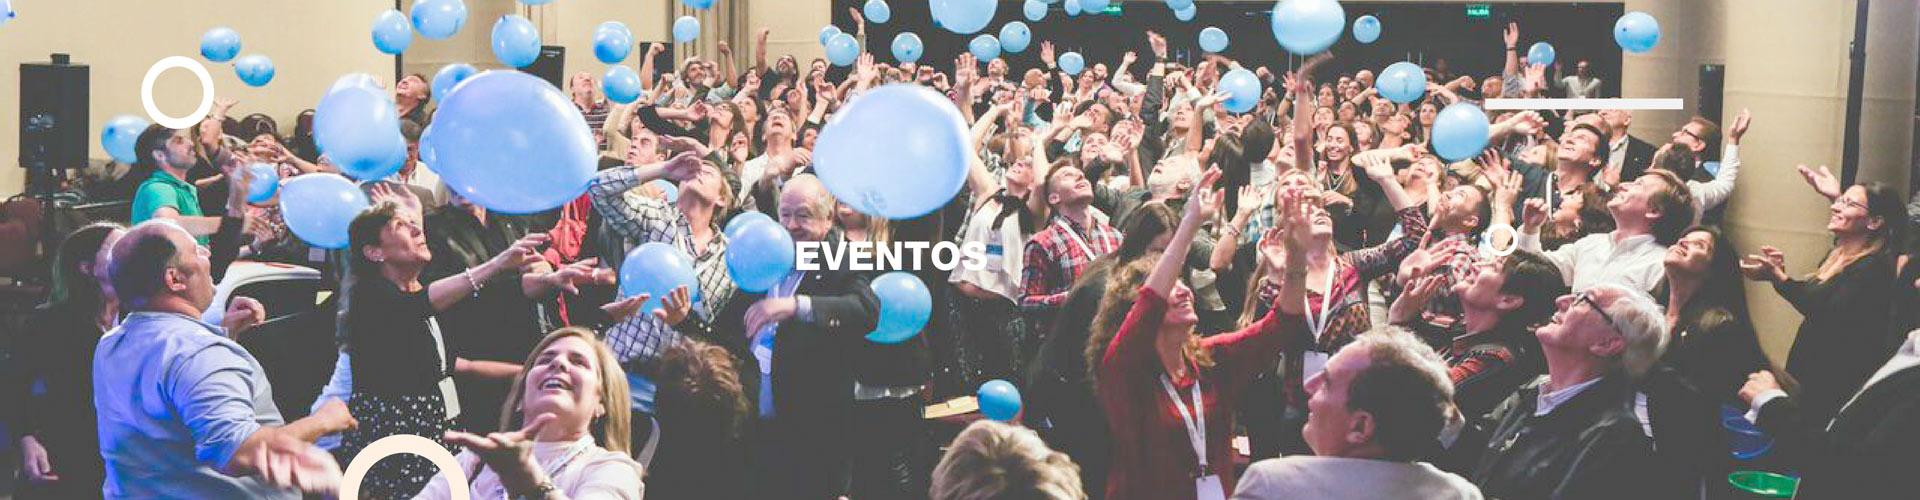 header-eventos